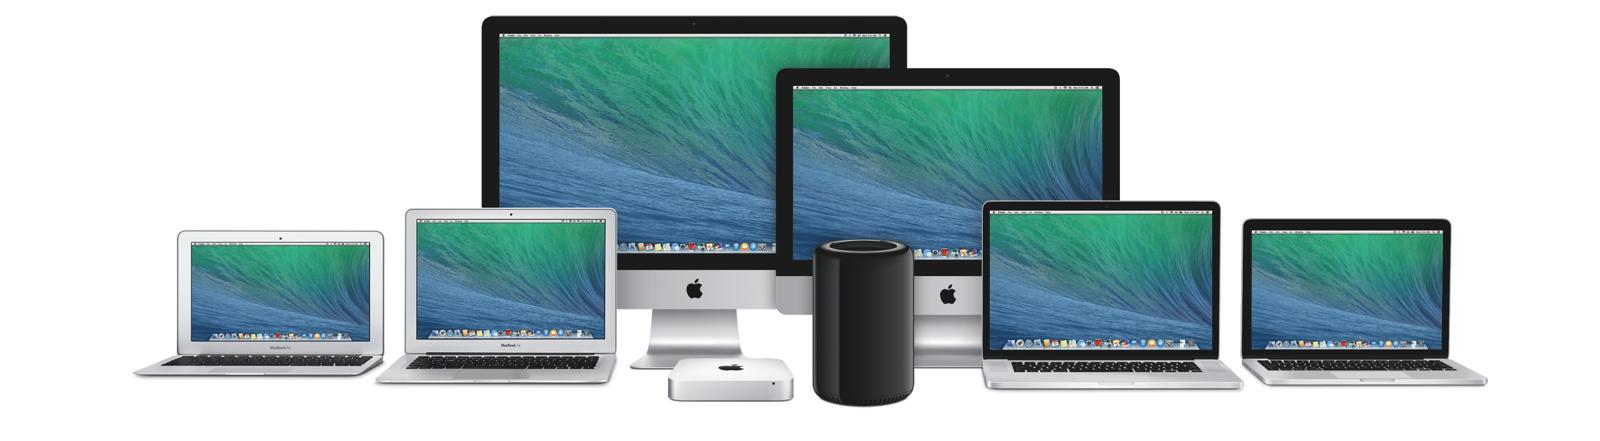 Welche Aktion auf Apple Produkte wünschst du dir?